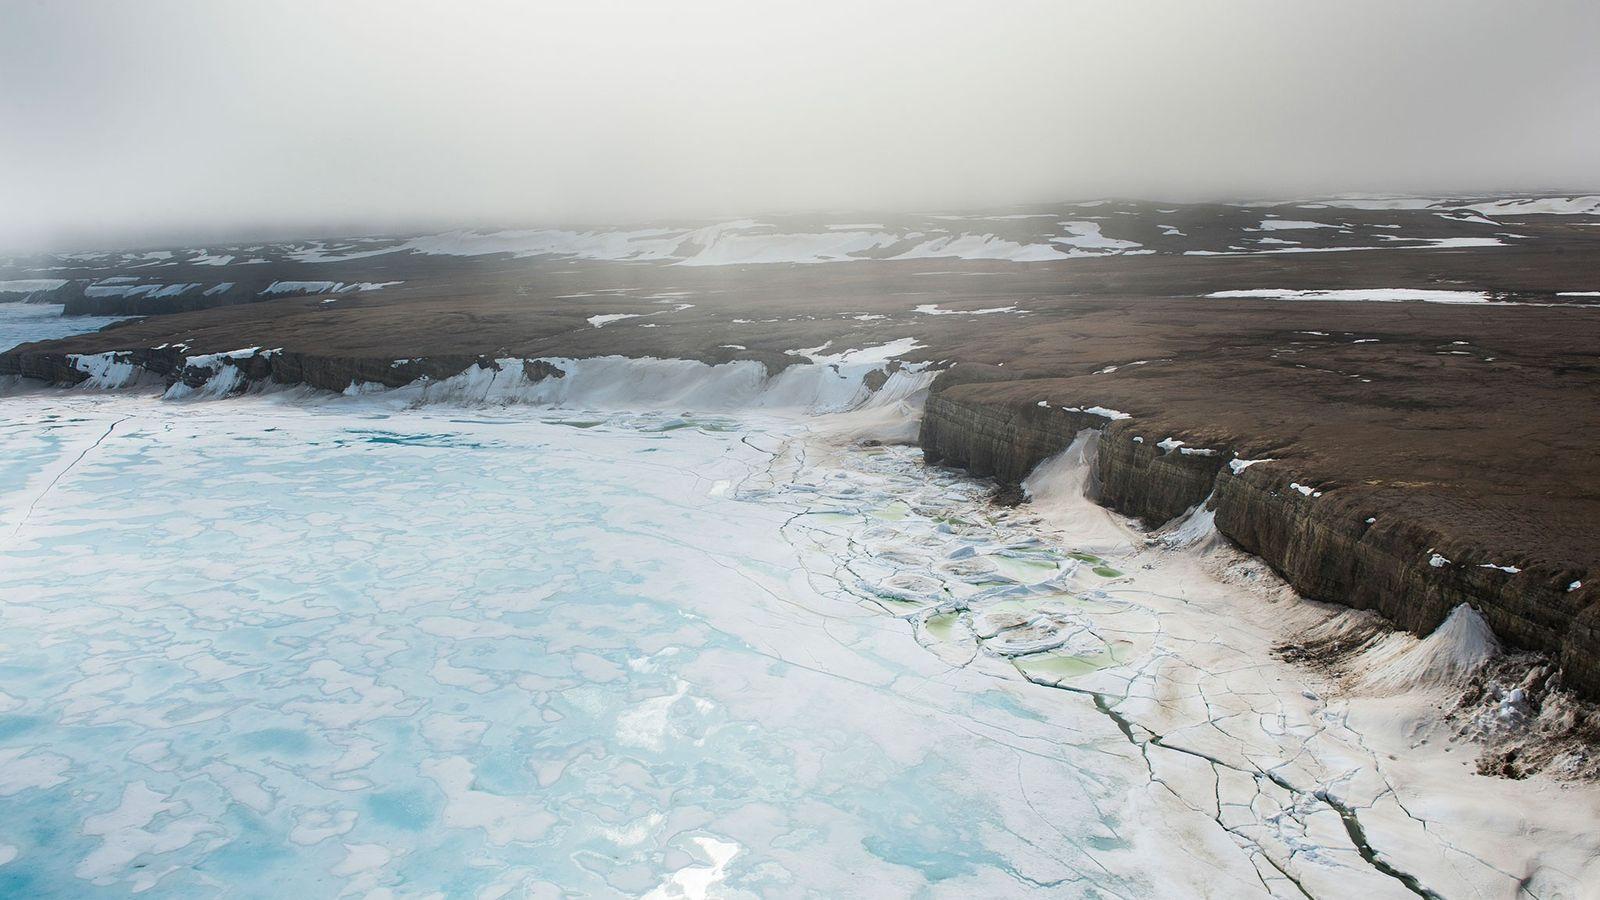 Le bord d'un floe au large de l'île de Baffin, dans l'Extrême-Arctique canadien.